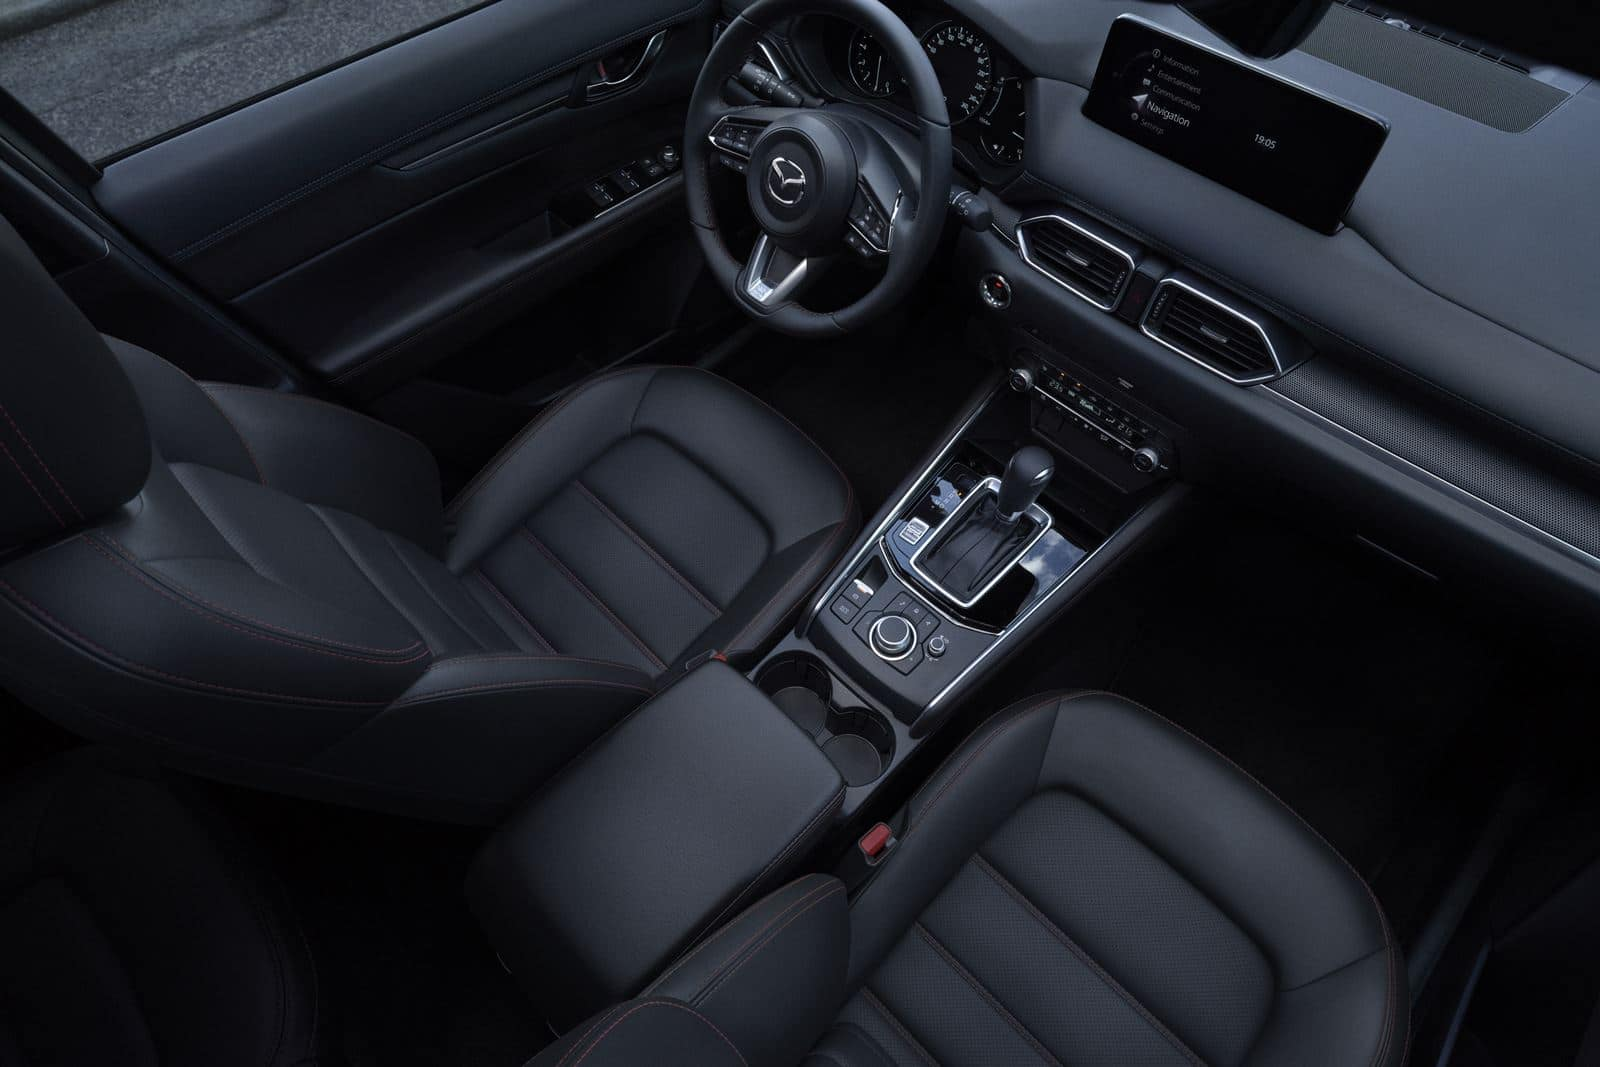 Mazda CX-5 2022 interior